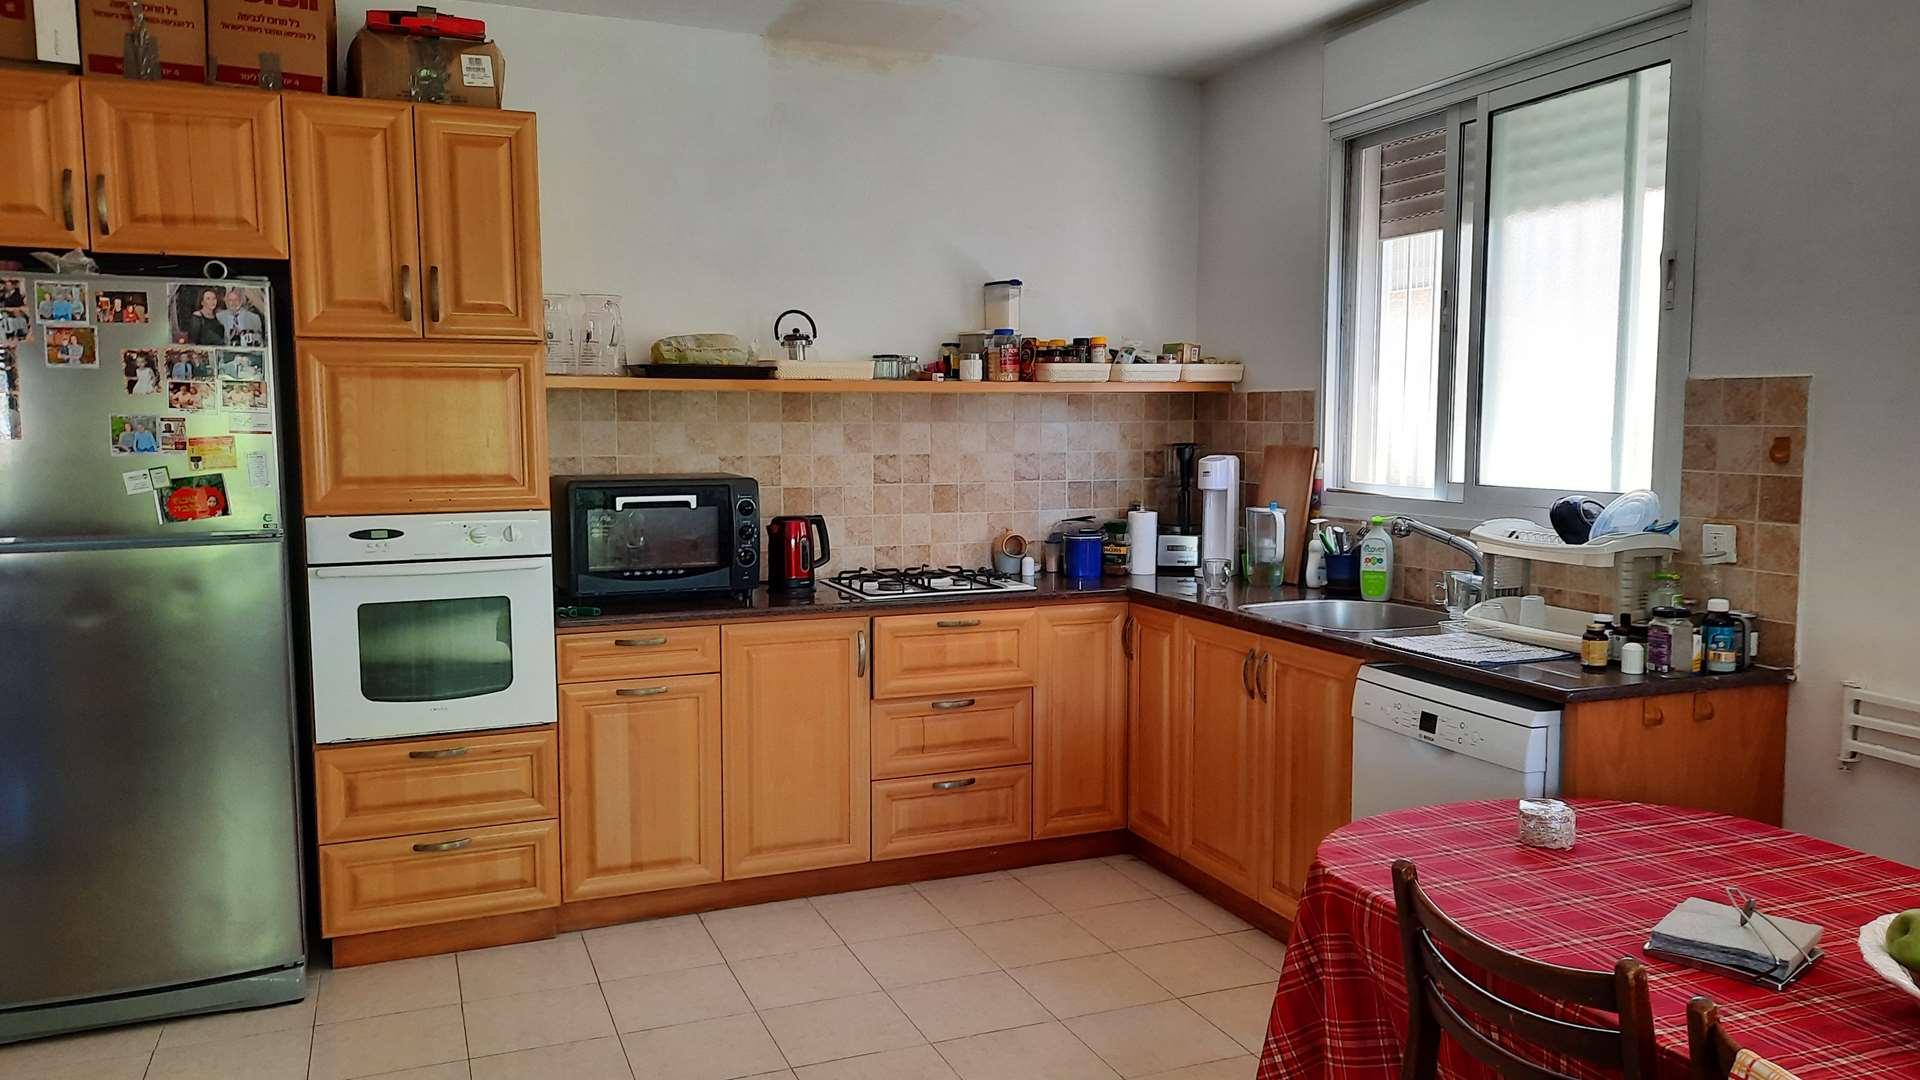 דירה להשכרה 3.5 חדרים בחיפה הירקון